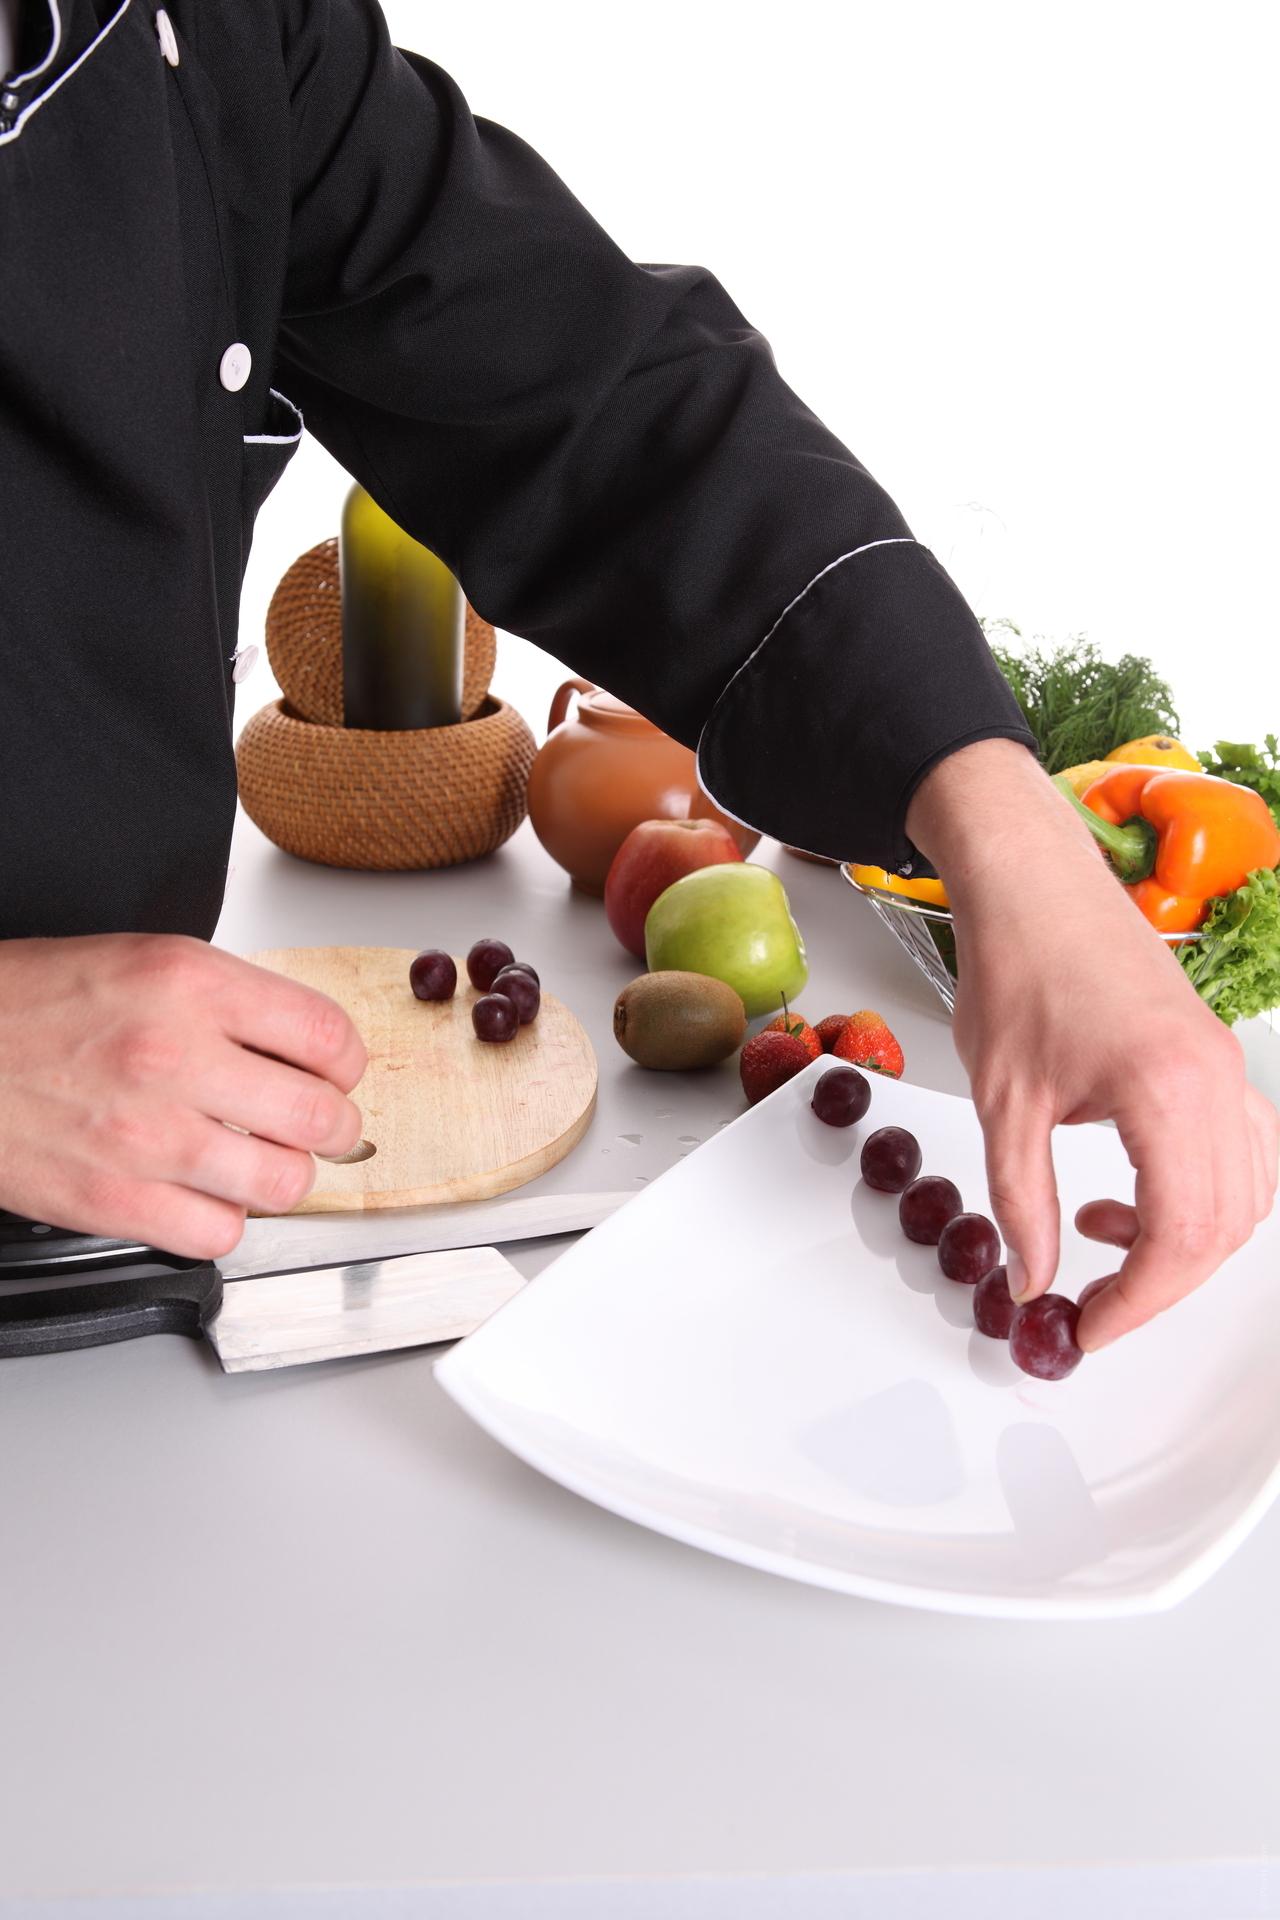 Operaciones b sicas de cocina c mara zaragoza for Manual operaciones basicas de cocina